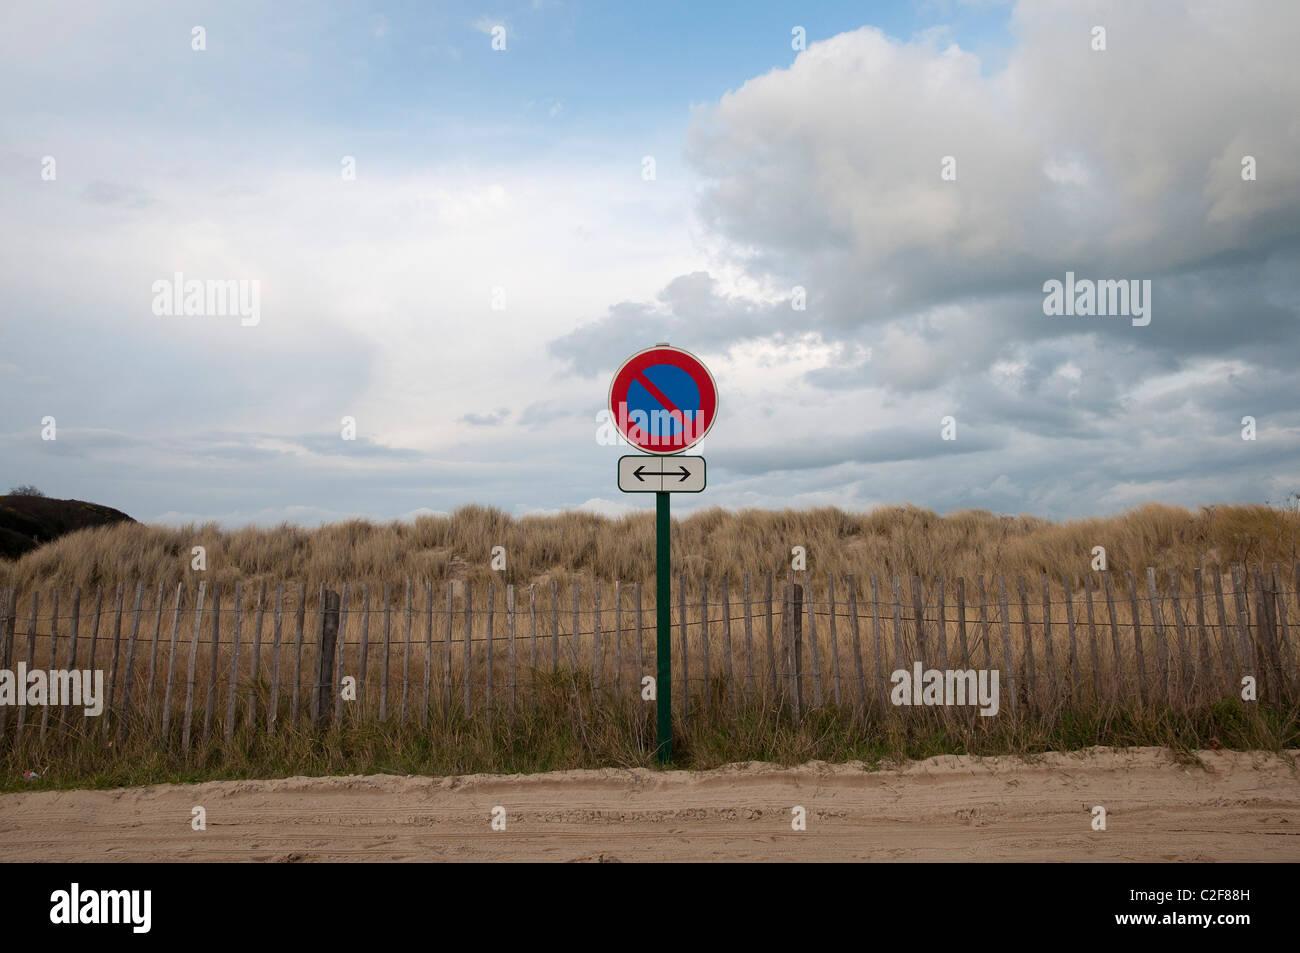 un panneau interdiction de stationner devant dunes de sable a no parking sign in front of sand dunes - Stock Image